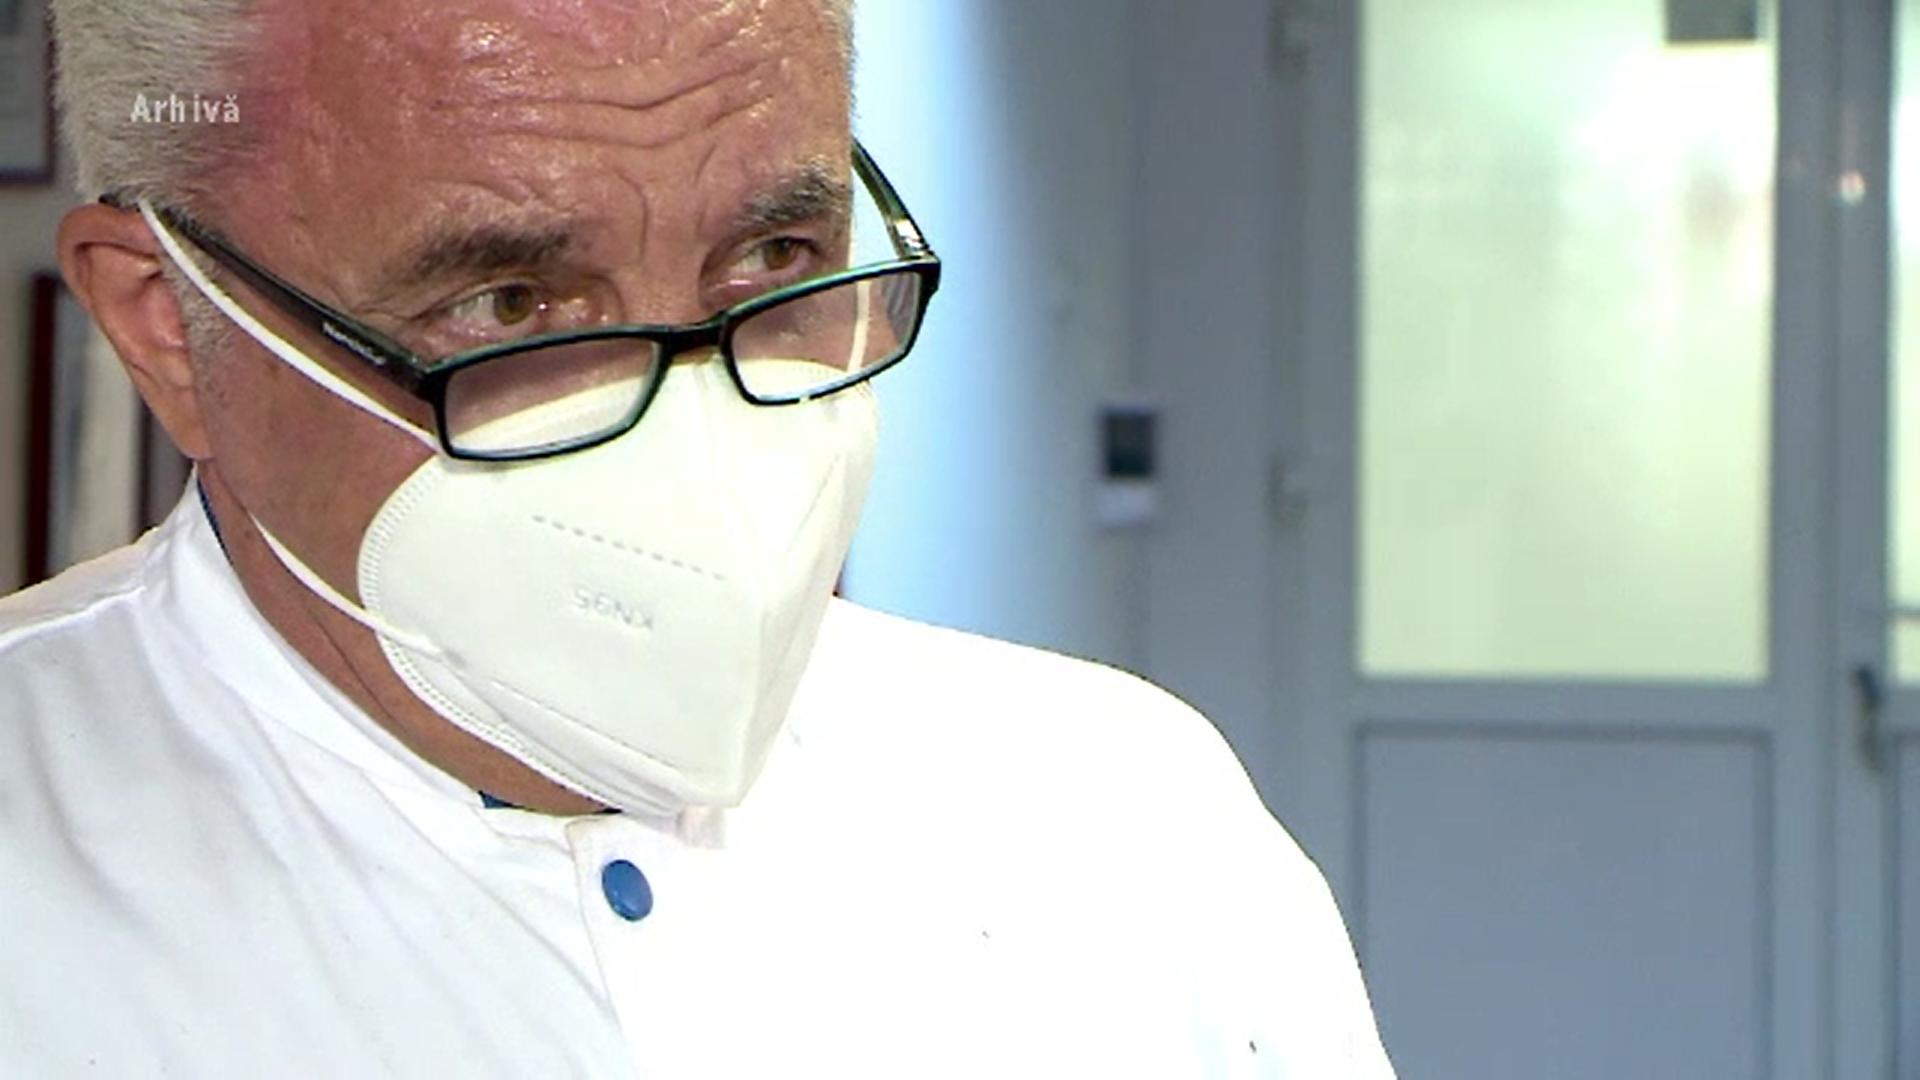 Președintele Colegiului Medicilor din Neamț a pierdut lupta cu COVID-19. Chirurgul Iosif Koszeghi a murit